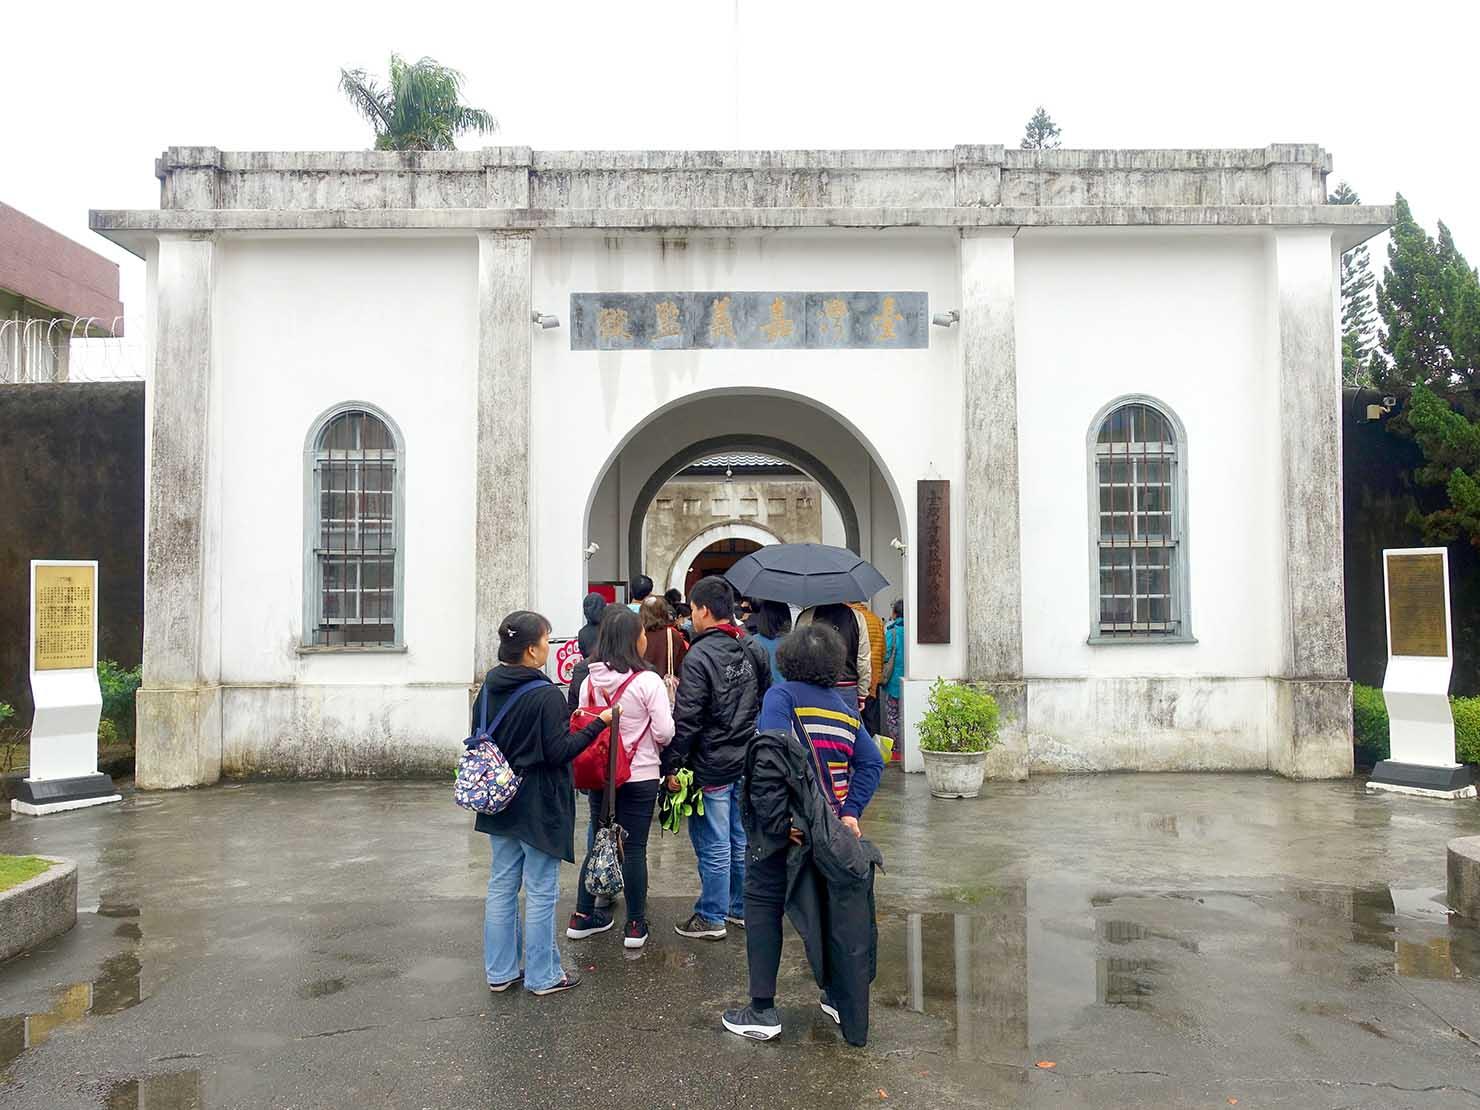 嘉義のおすすめ観光スポット「嘉義舊監獄」の外観